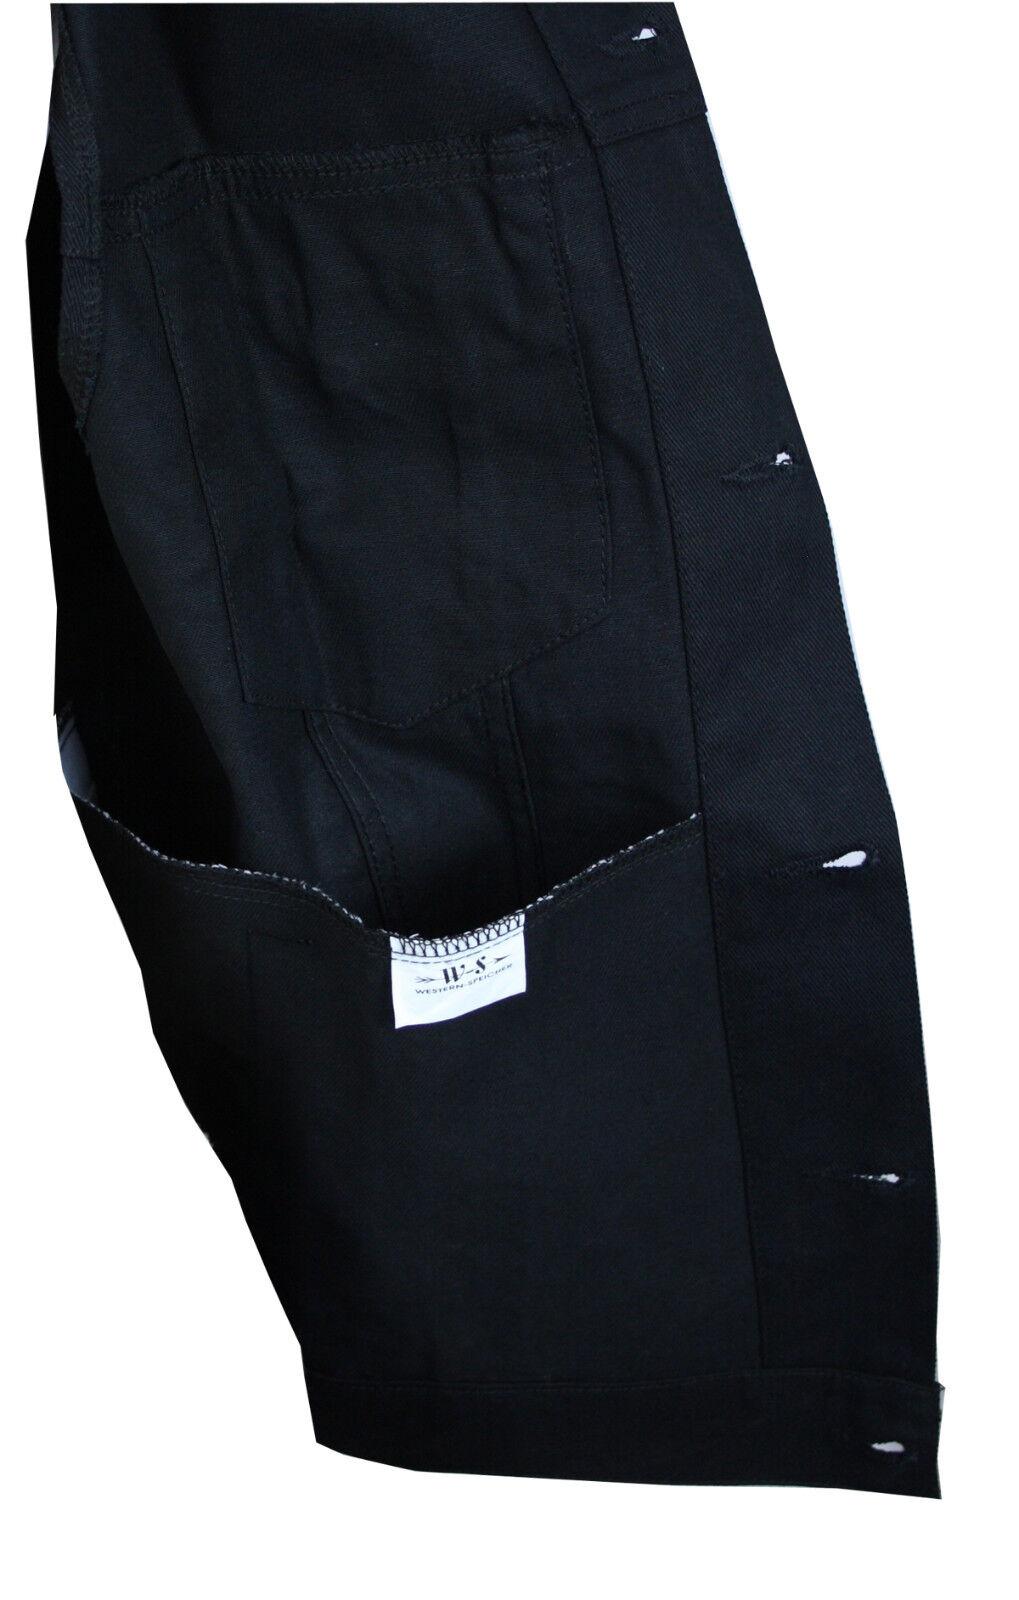 WESTERN-SPEICHER WESTERN-SPEICHER WESTERN-SPEICHER Jeansweste Herren Denim Light Biker Weste Kutte schwarz S - 4XL | Exquisite (mittlere) Verarbeitung  4bb776